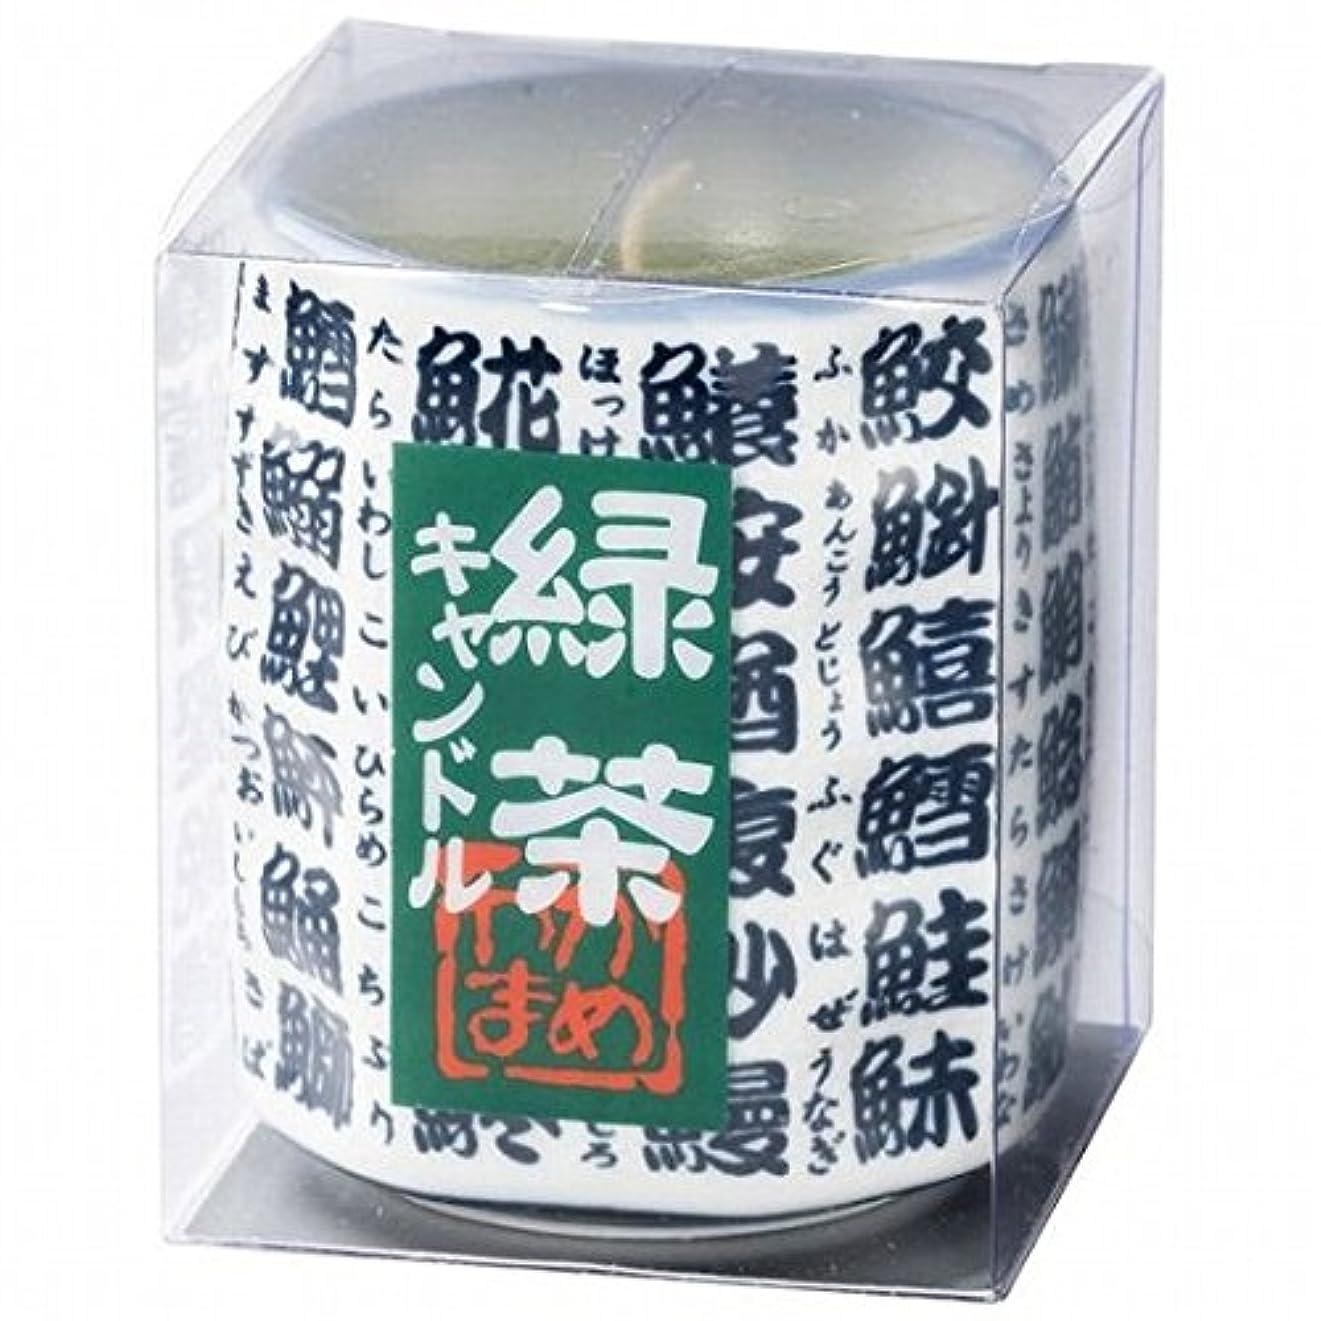 ゆるい検証油kameyama candle(カメヤマキャンドル) 緑茶キャンドル(86070000)